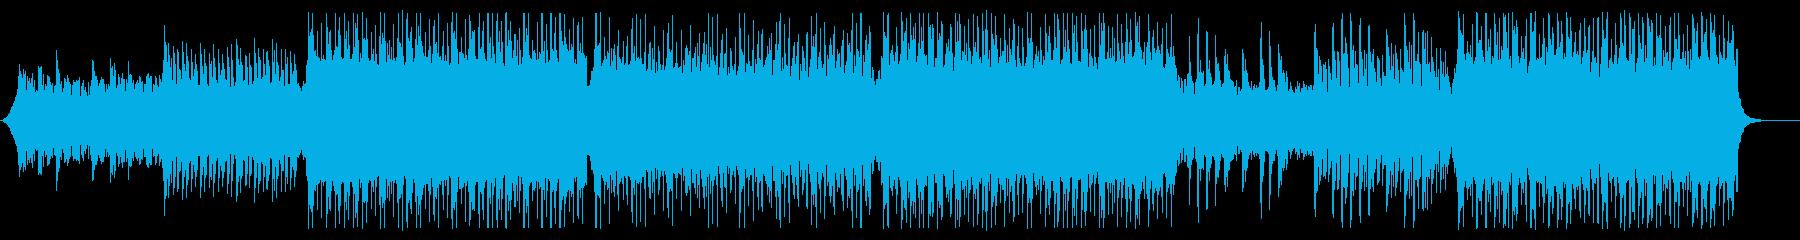 ギターリフがリードするコーポレート曲の再生済みの波形